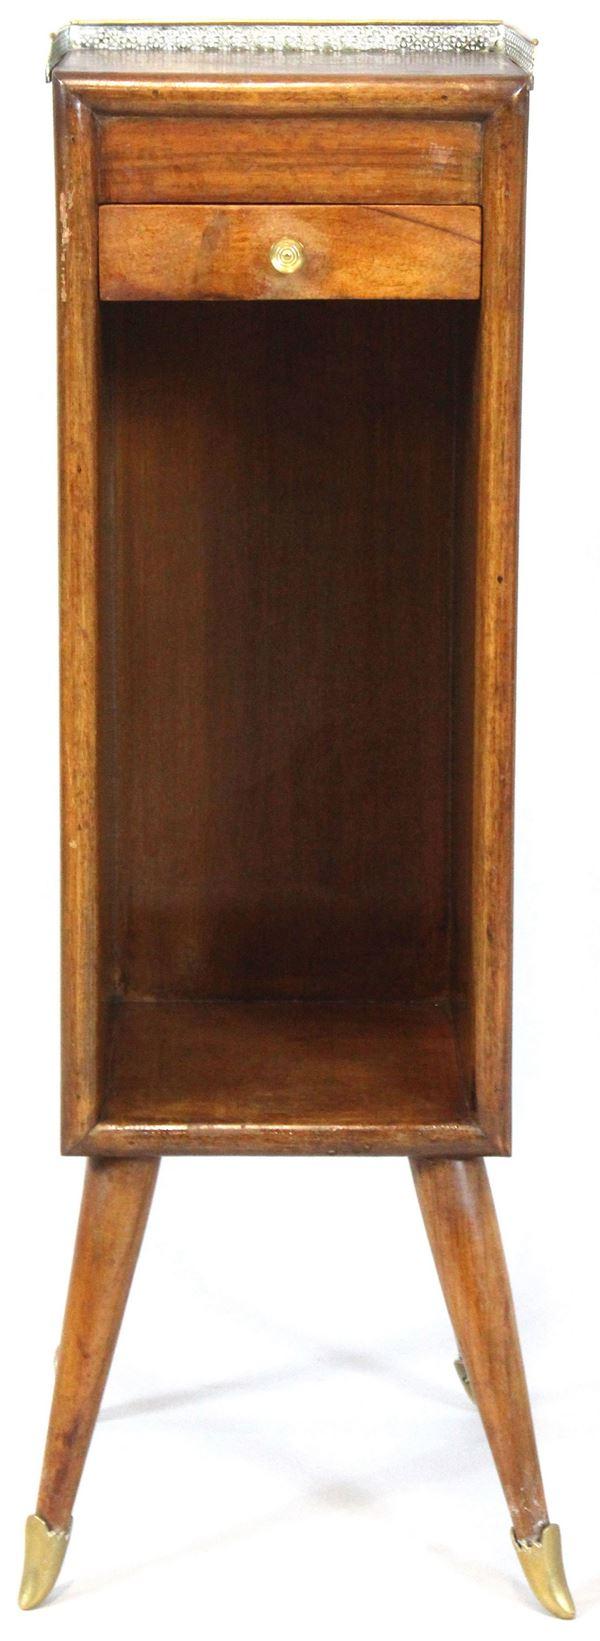 Mobilino portatelefono in legno di noce, ad un cassetto, vano a giorno con tiretto laterale, piano con ringhierina in bronzo, poggiante su quattro gambe, altezza cm 70, primi '900